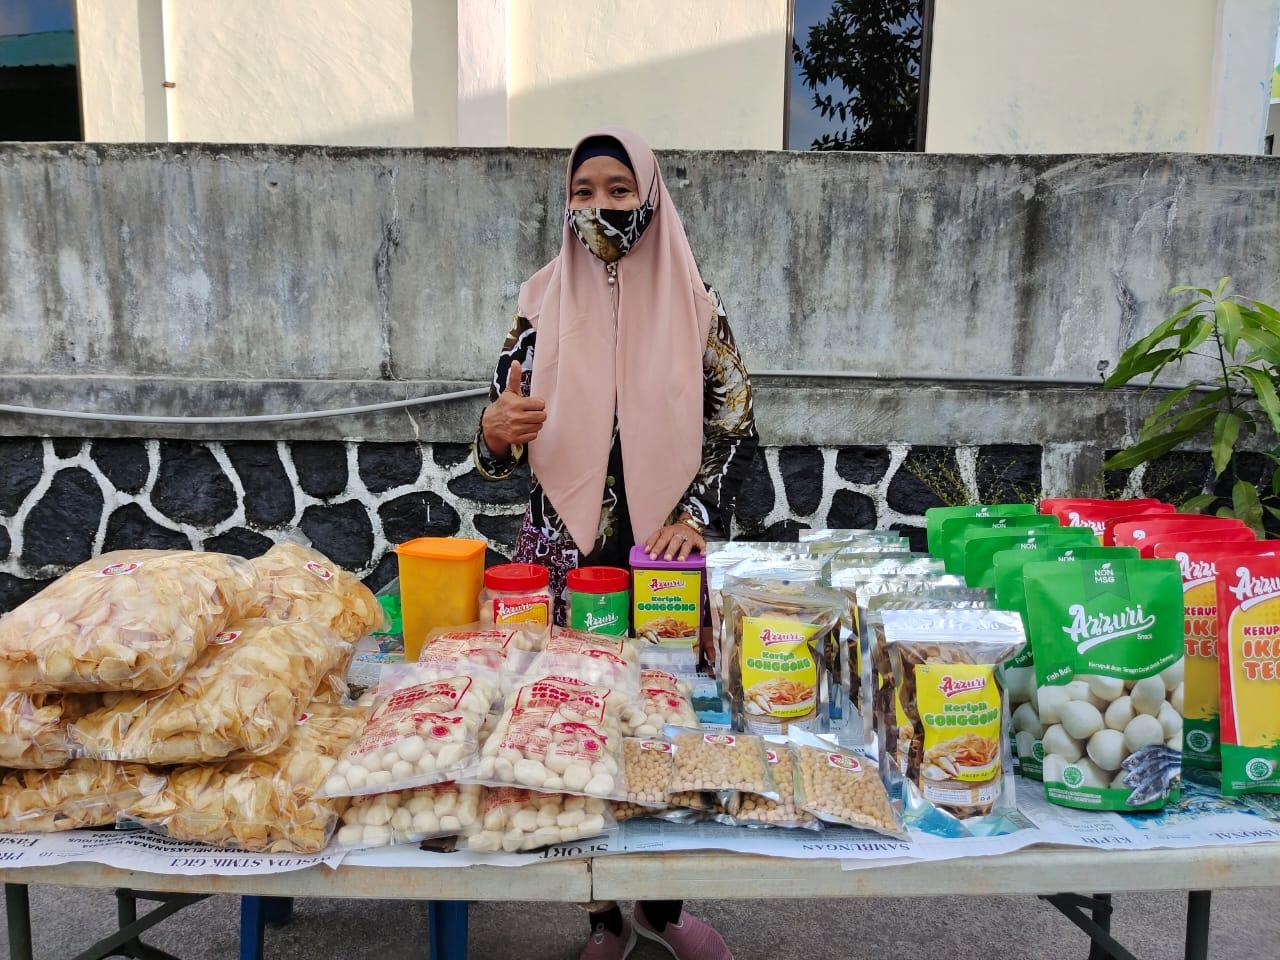 Anggota Poklahsar binaan Dinas Perikanan berpartisipasi dalam kegiatan Pasar Tani yang digelar Dinas Ketahanan Pangan dan Pertanian di Sekupang.